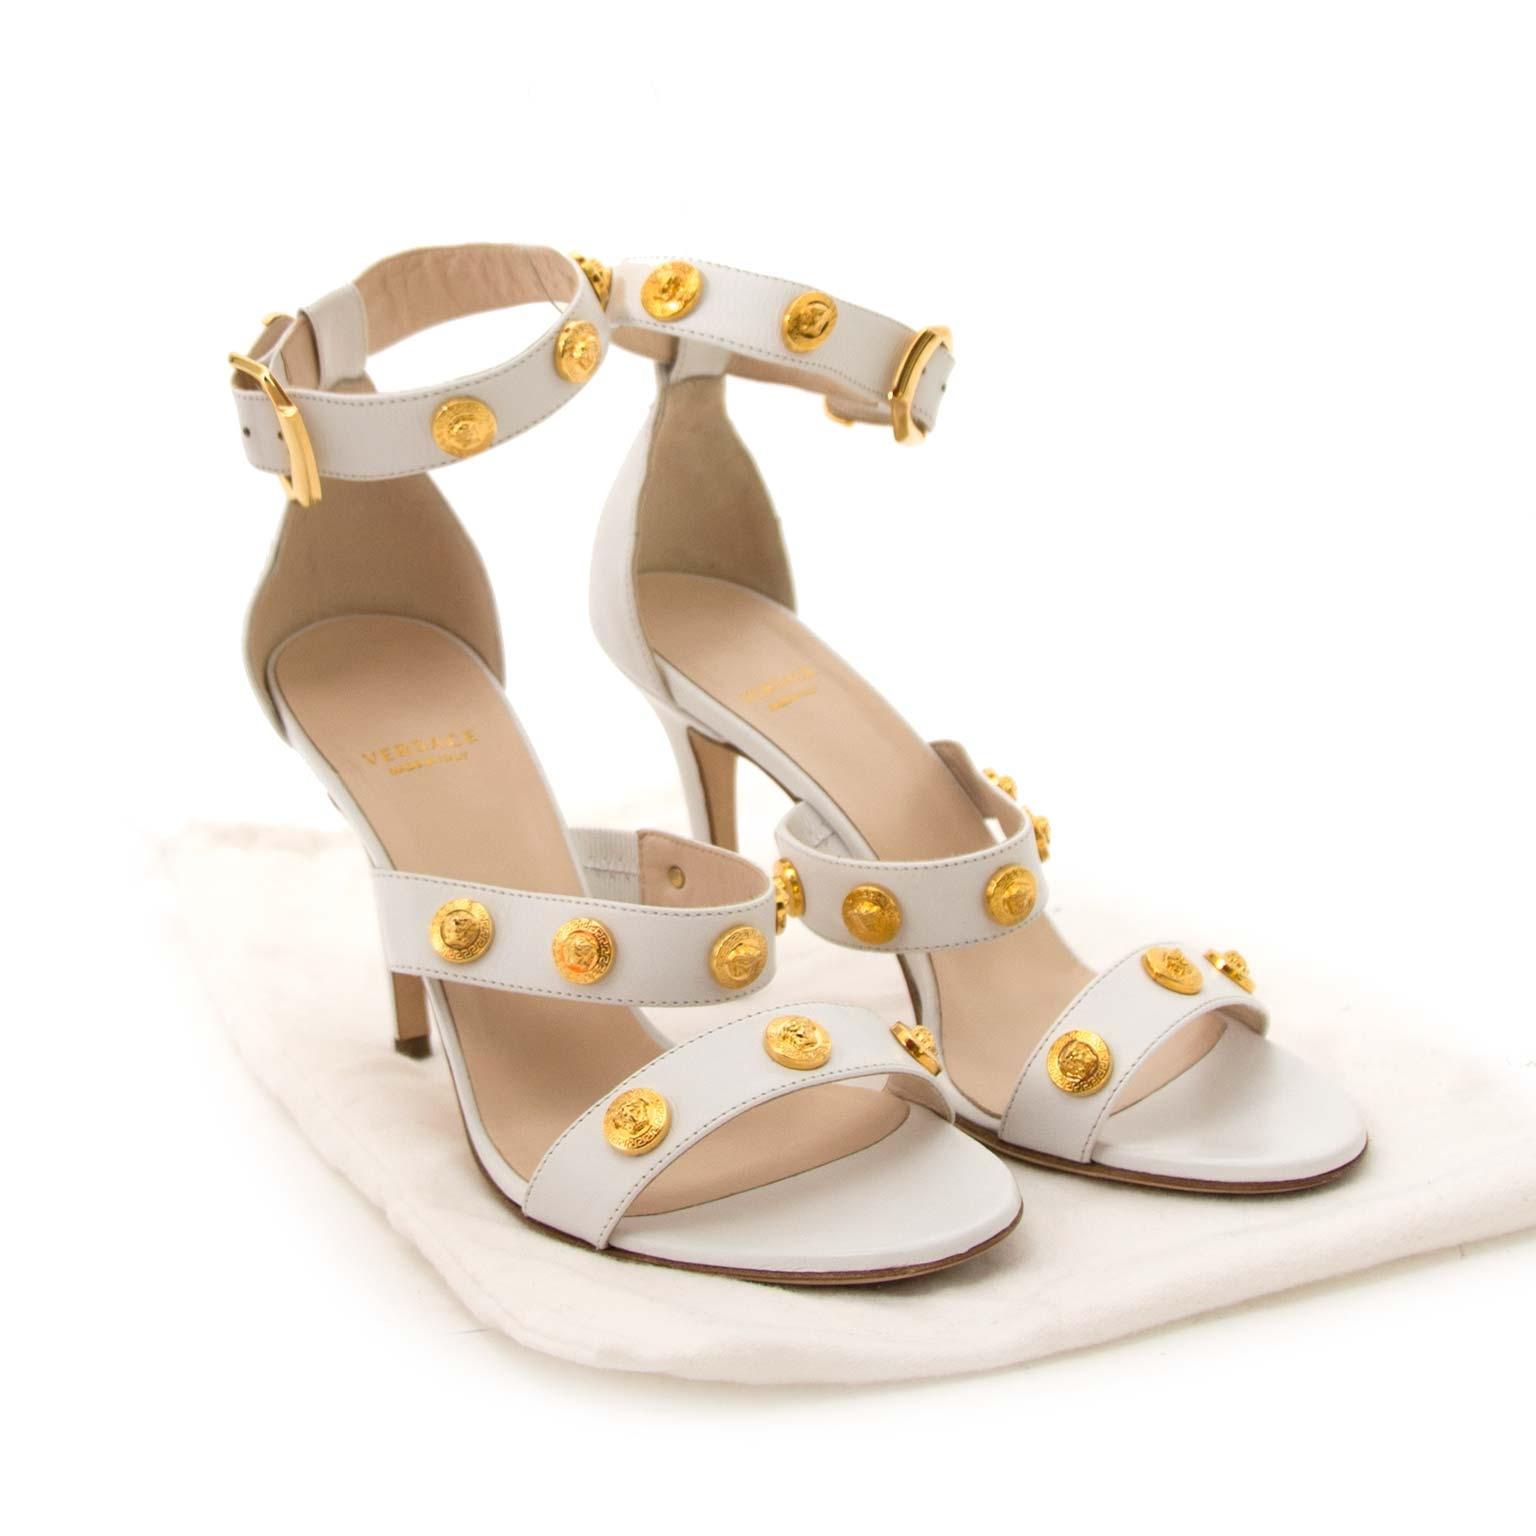 Versace Signature Medusa High Heel Sandal White & Gold taille 37 en ligne chez labellov.com pour le meilleur prix